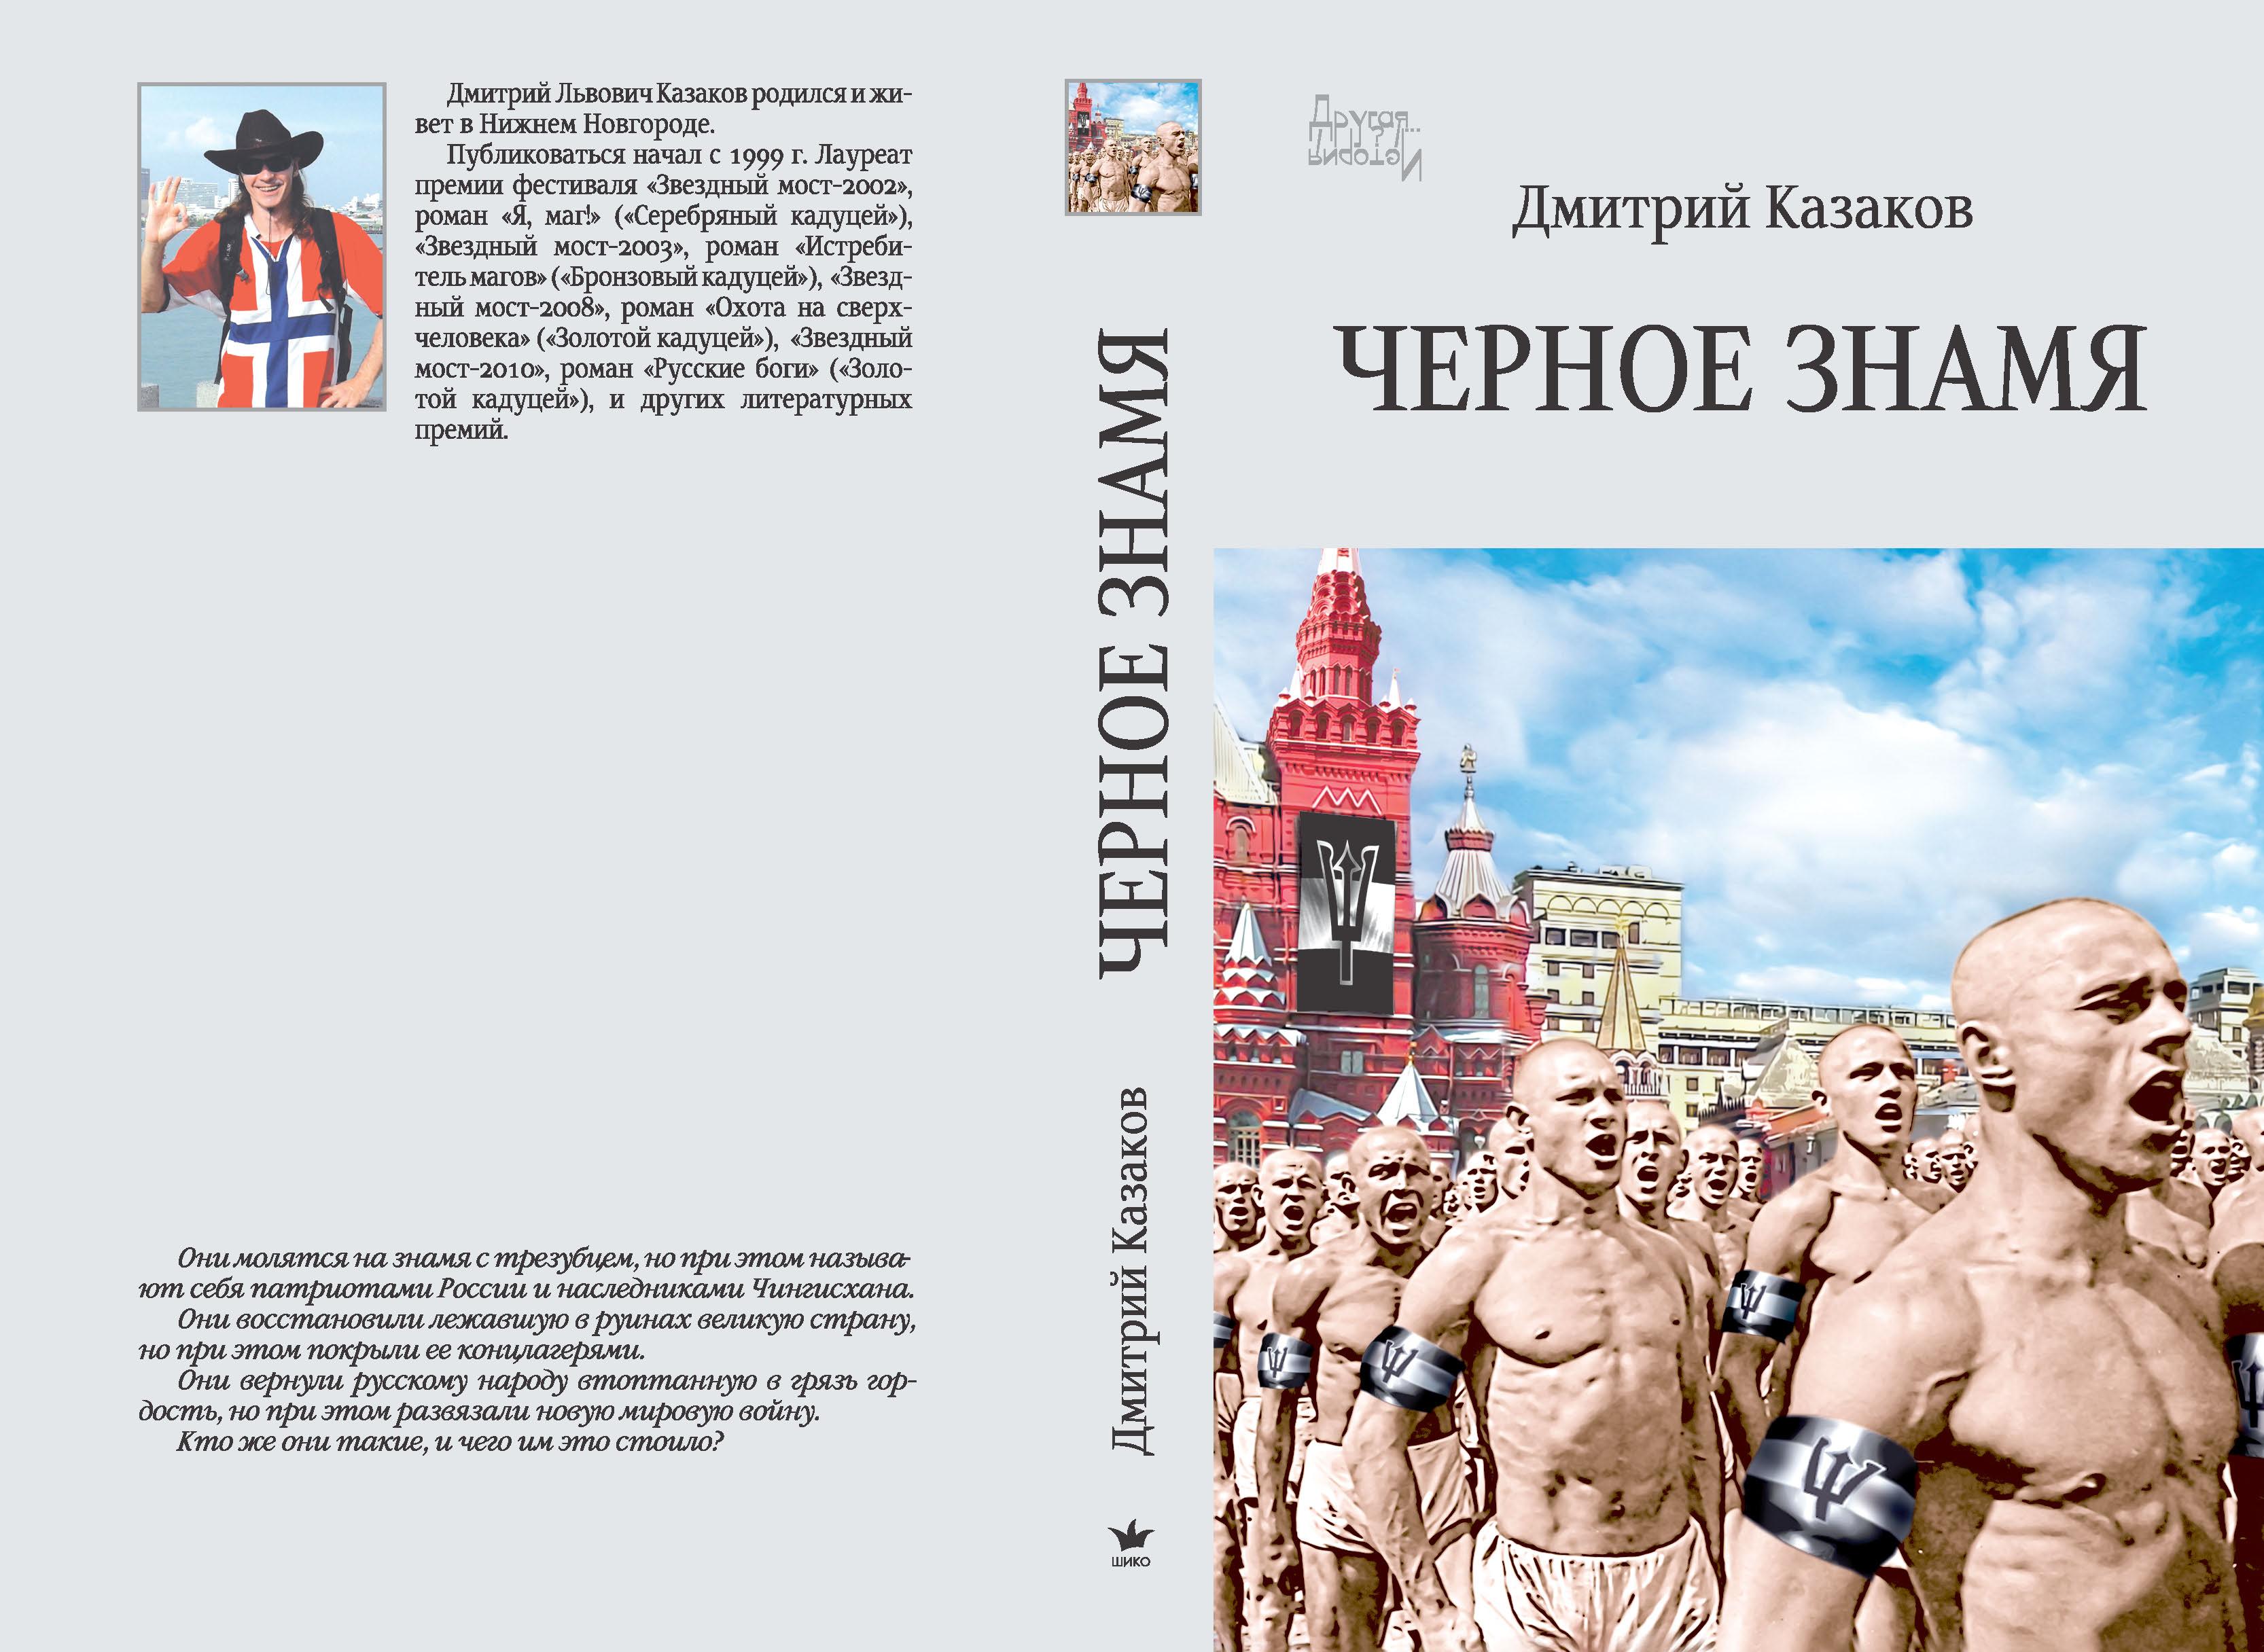 Kazakov_Chernoe-znamya_OBLO